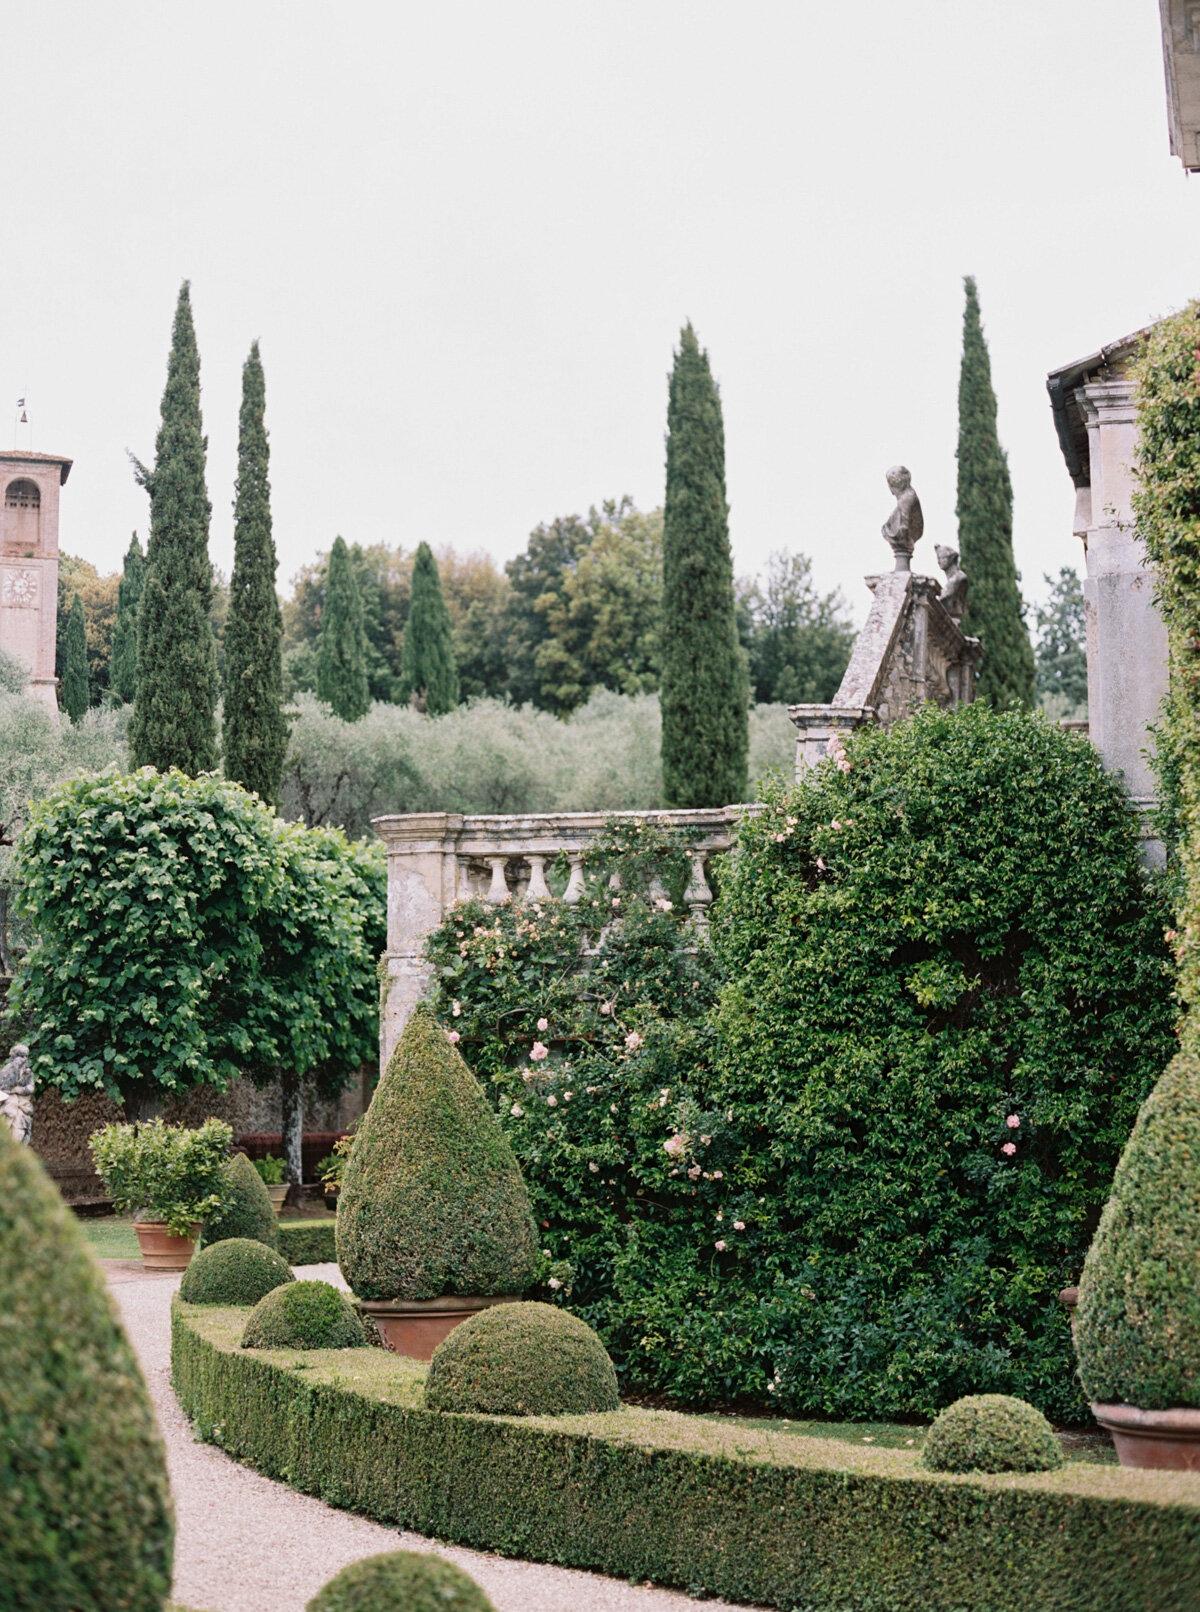 Villa-Cetinale-Tuscany-Katie-Grant-destination-wedding (4 of 115).jpg